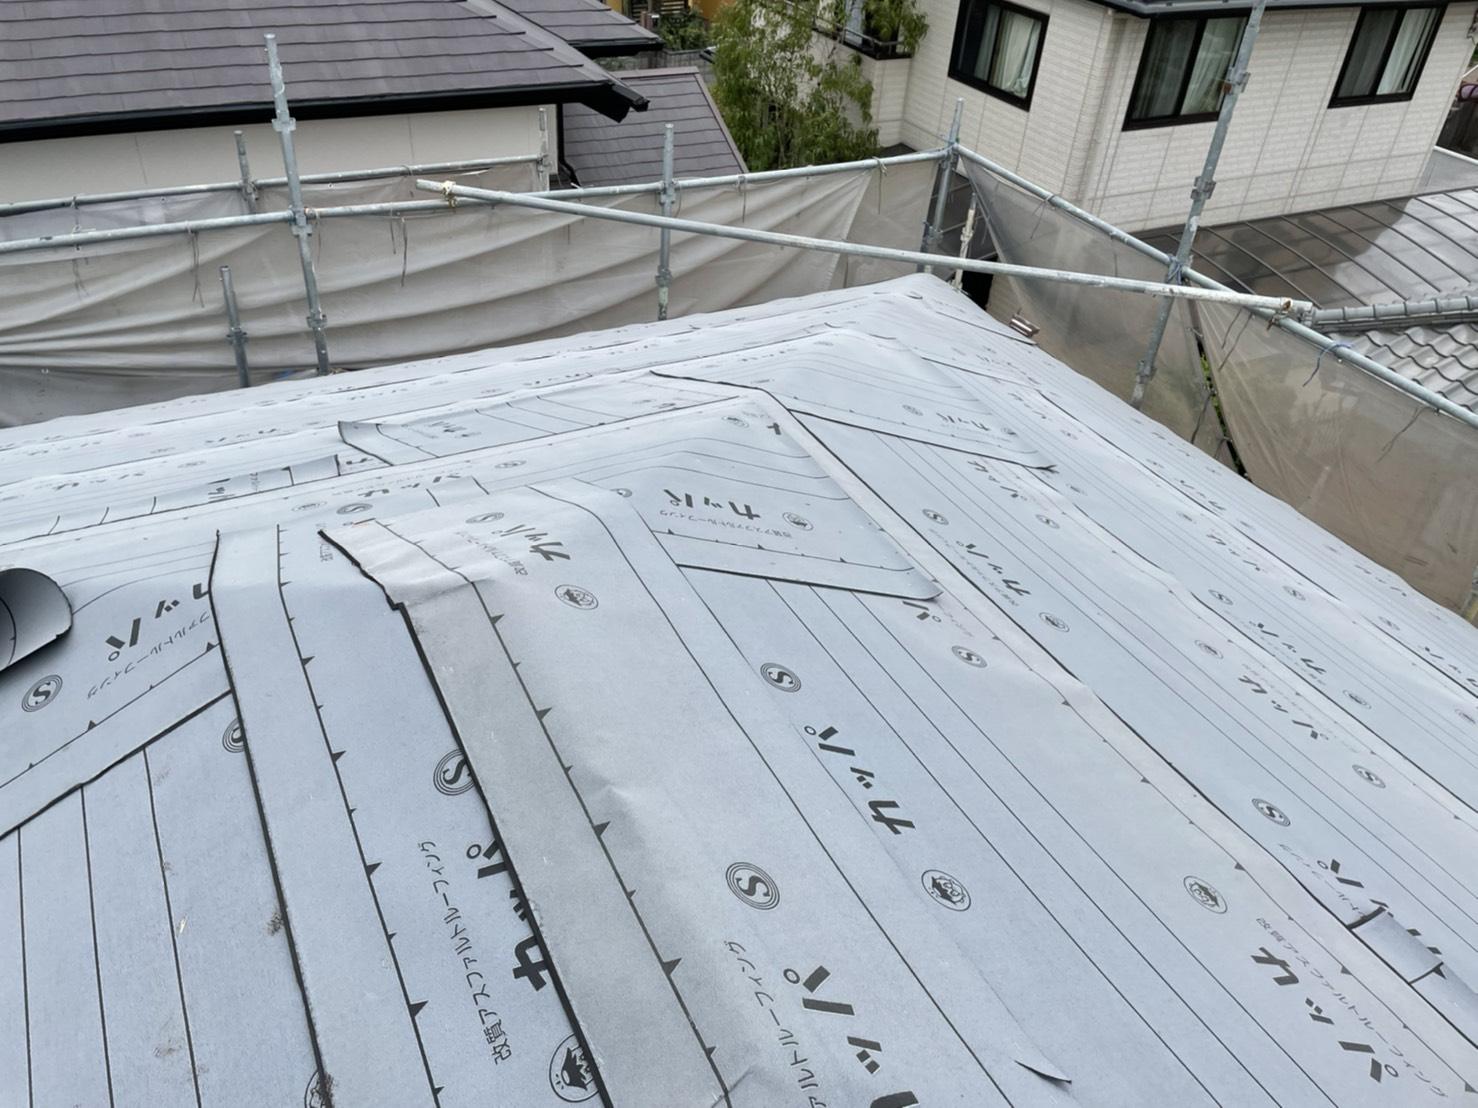 屋根葺き直し工事での防水シートは雨漏りを防ぐための守り神